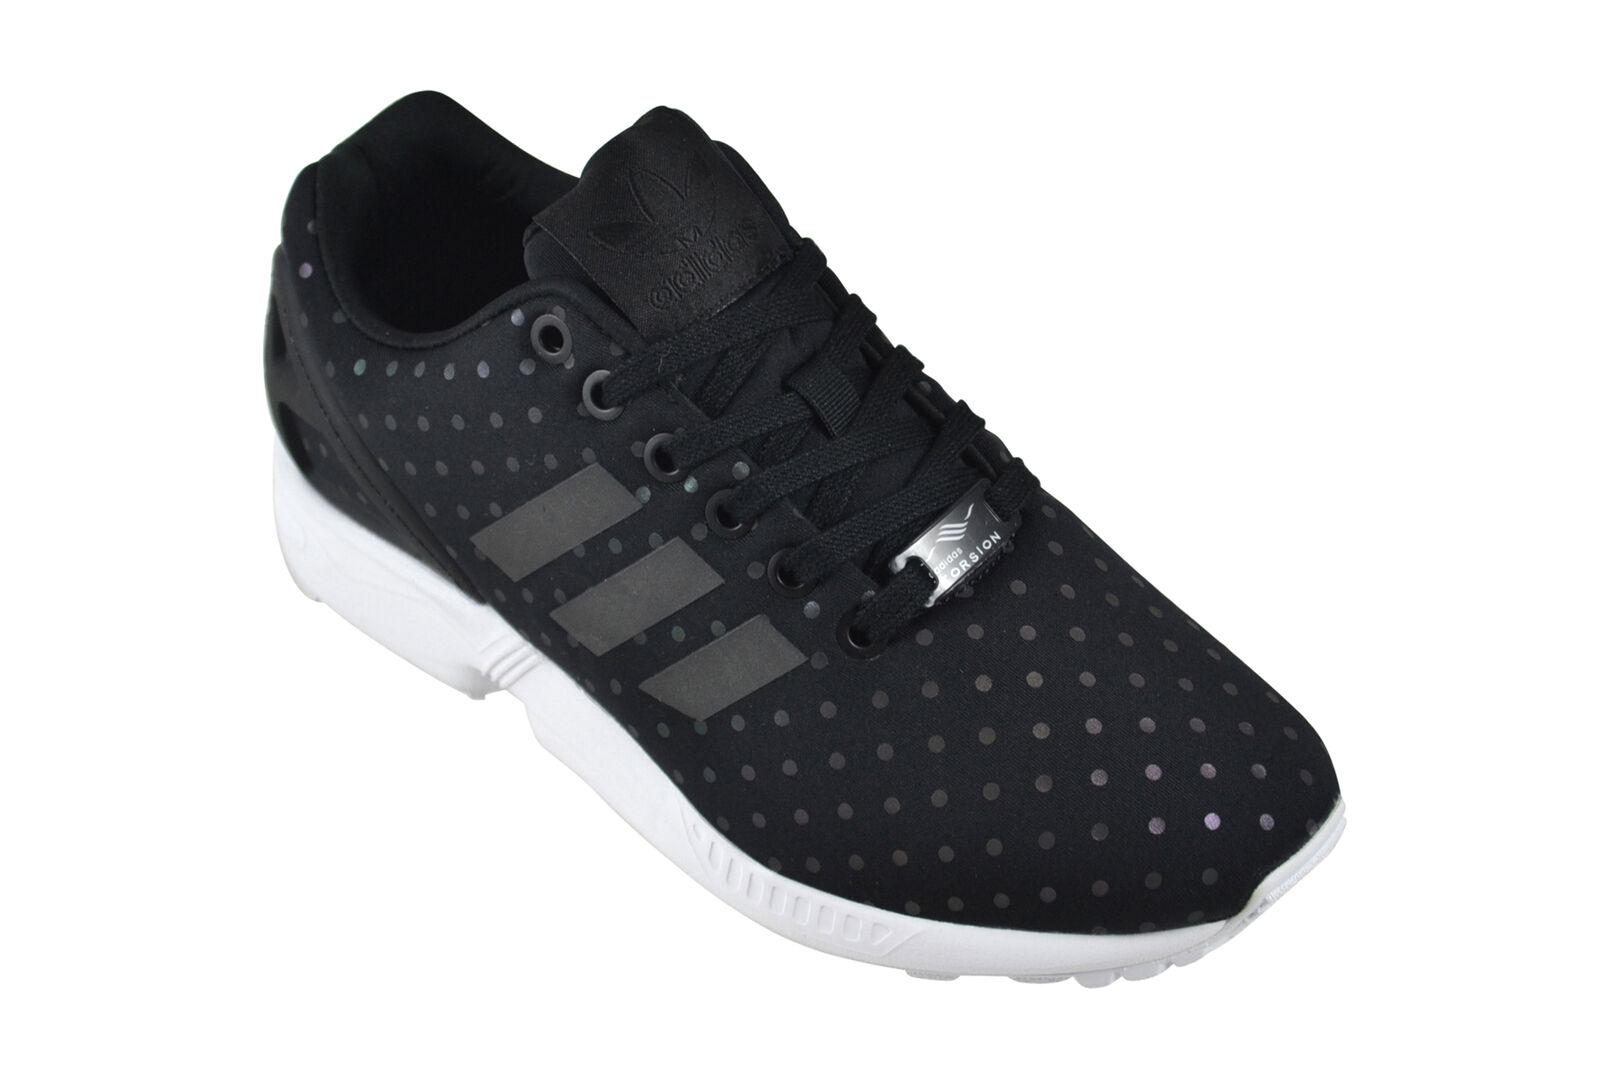 Adidas ZX Flux mujer Core negro Footwear blanco cortos zapatos negro bb2253